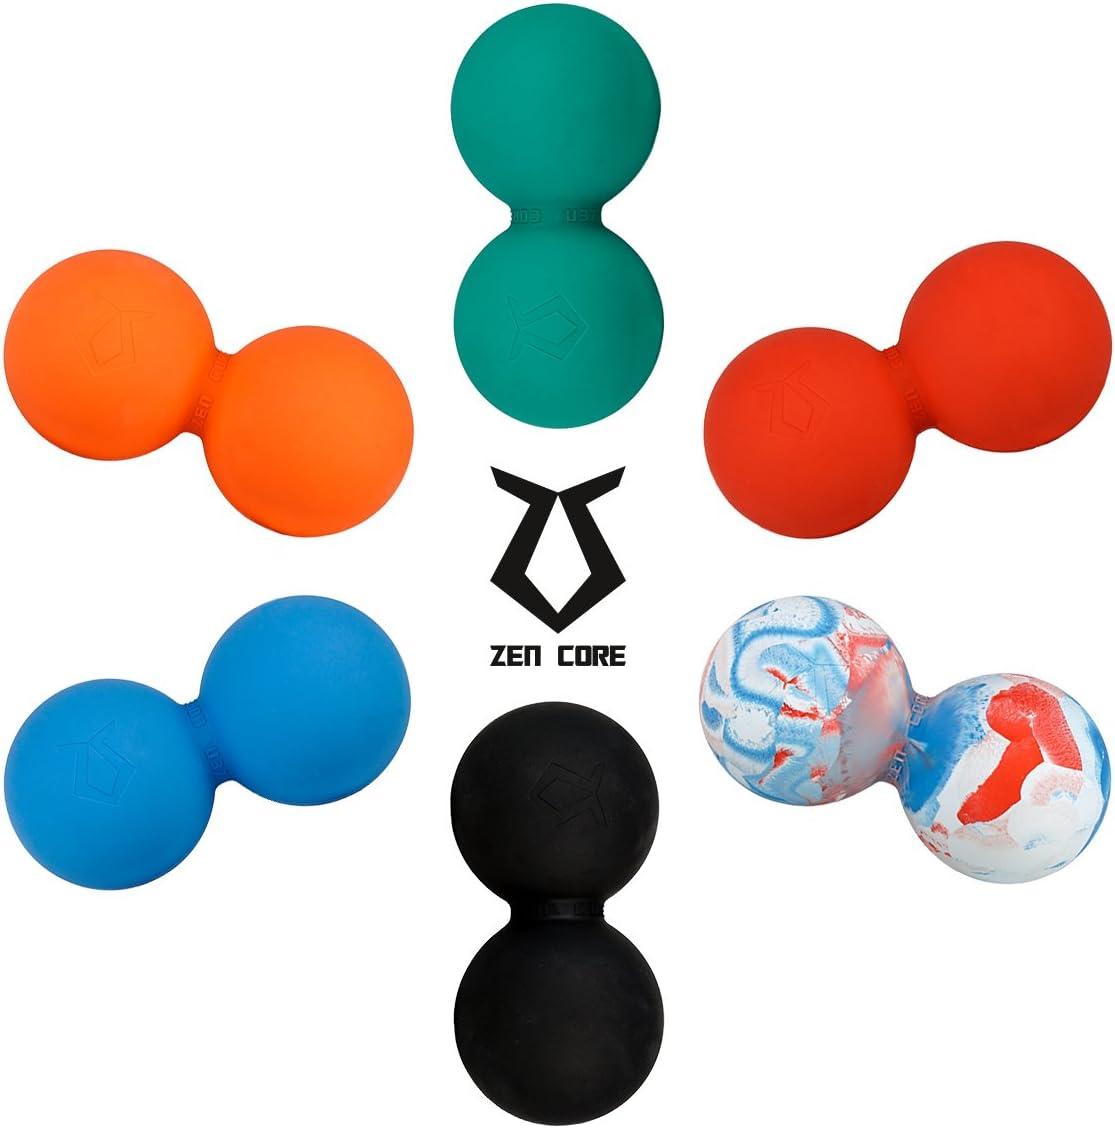 Twinball Faszienrolle Lacrosseball Hartgummi Gr/ö/ße 13 x 6 cm f/ür die Anwendung zur Triggerpunkt und Faszienmassage//Physiotherapie Zen Core Massage Duoball Original